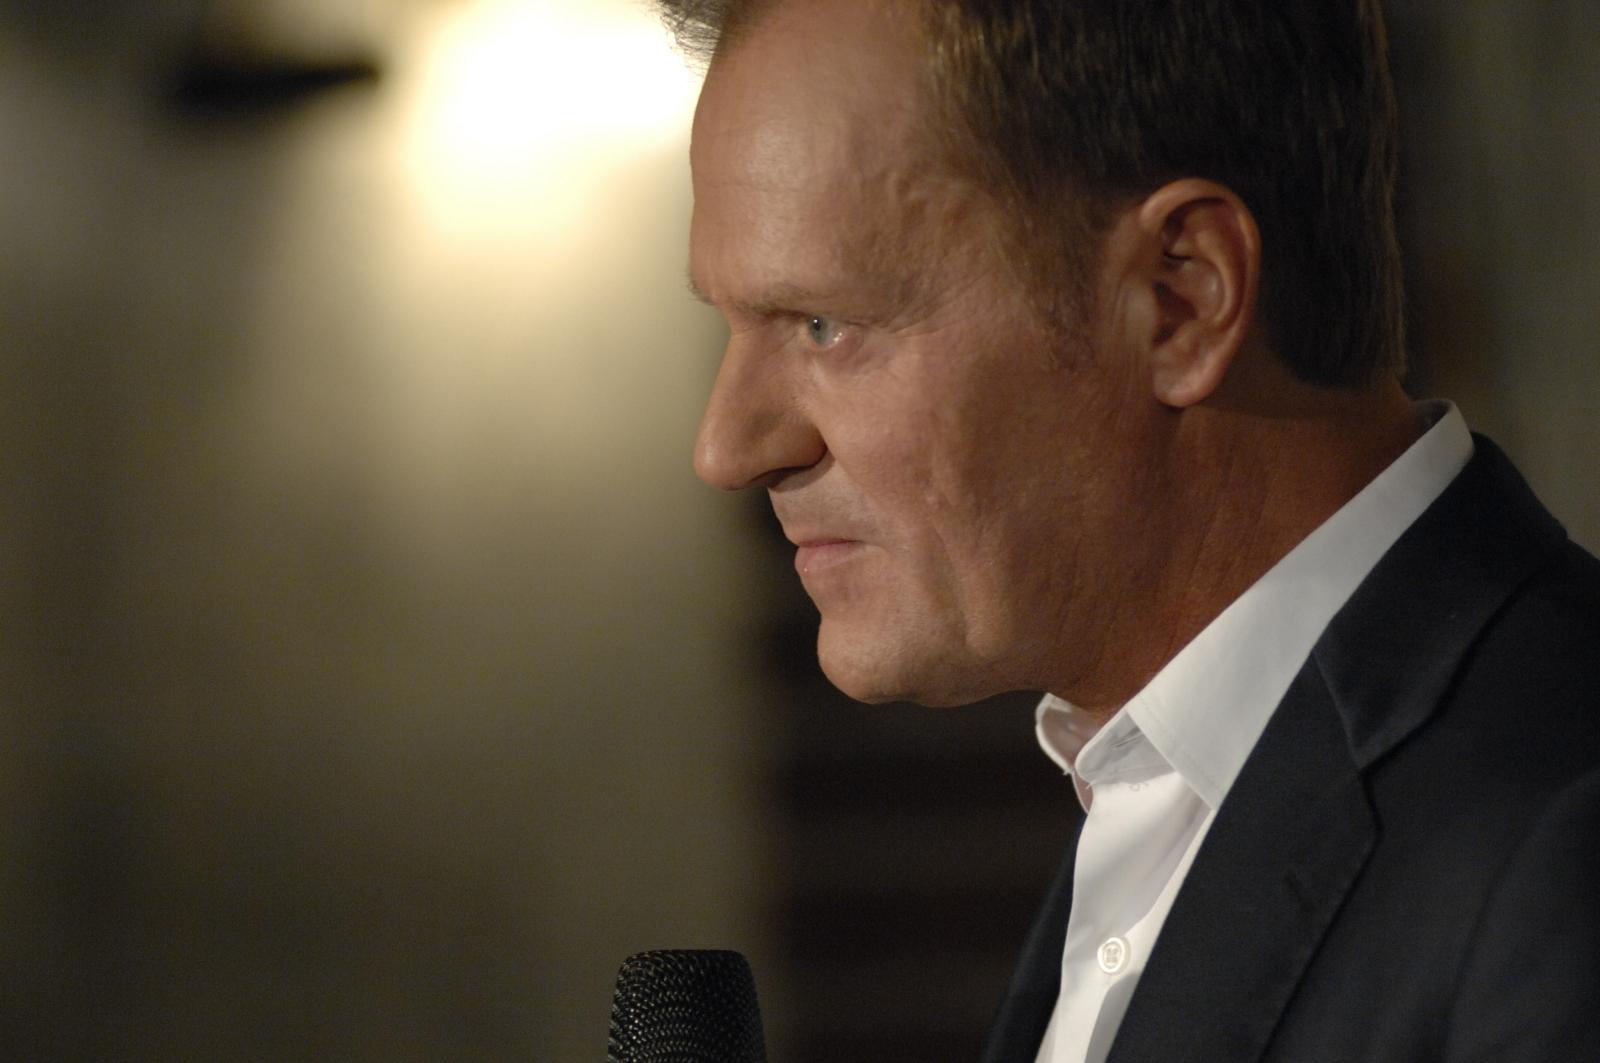 Ryszard Hołubowicz